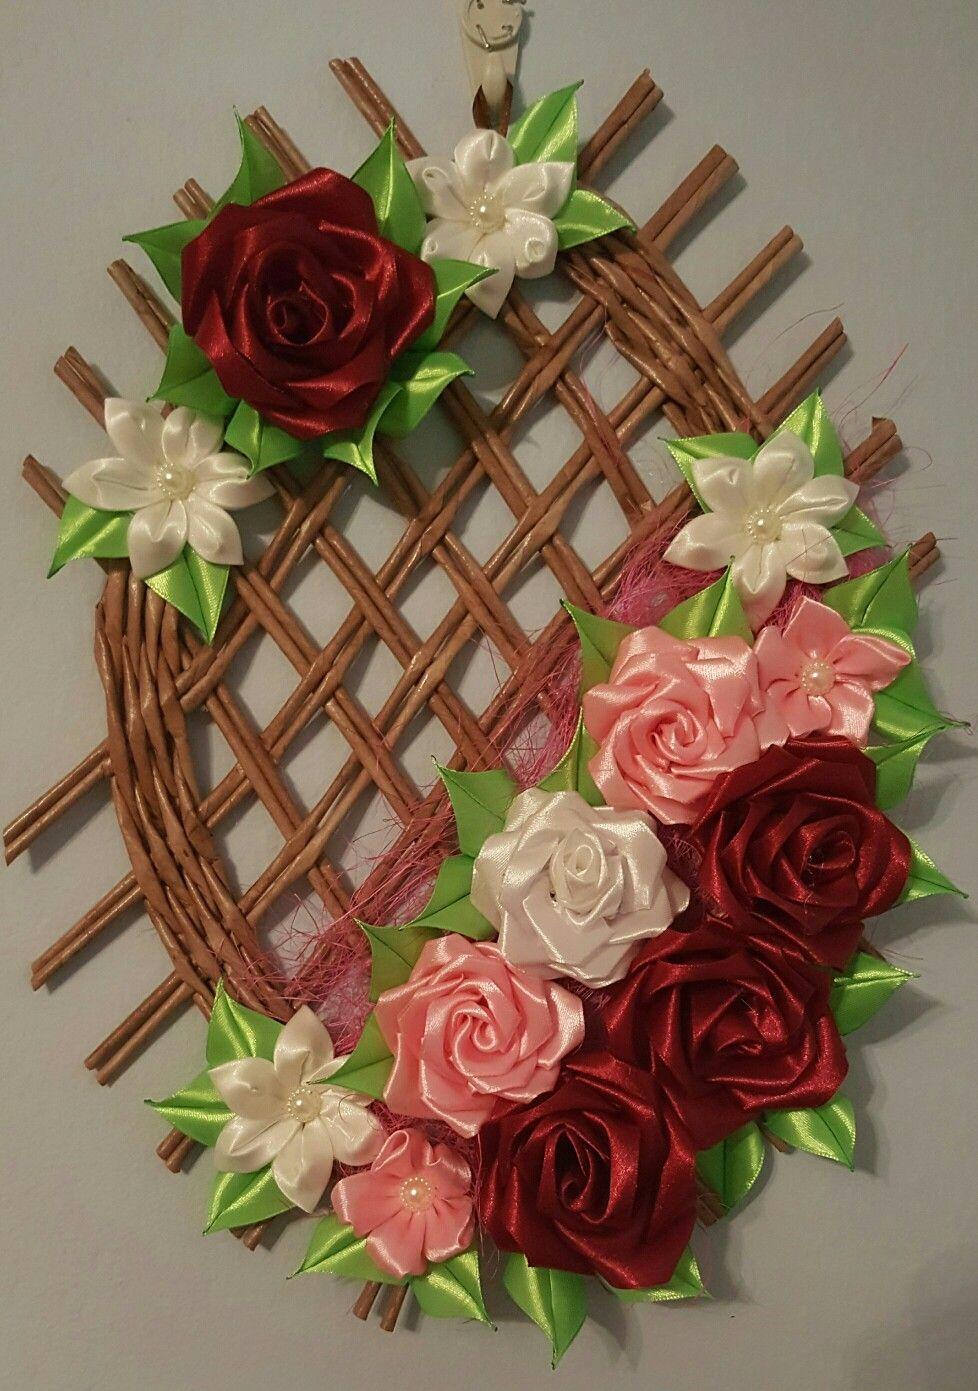 Поздравление от цветка розы